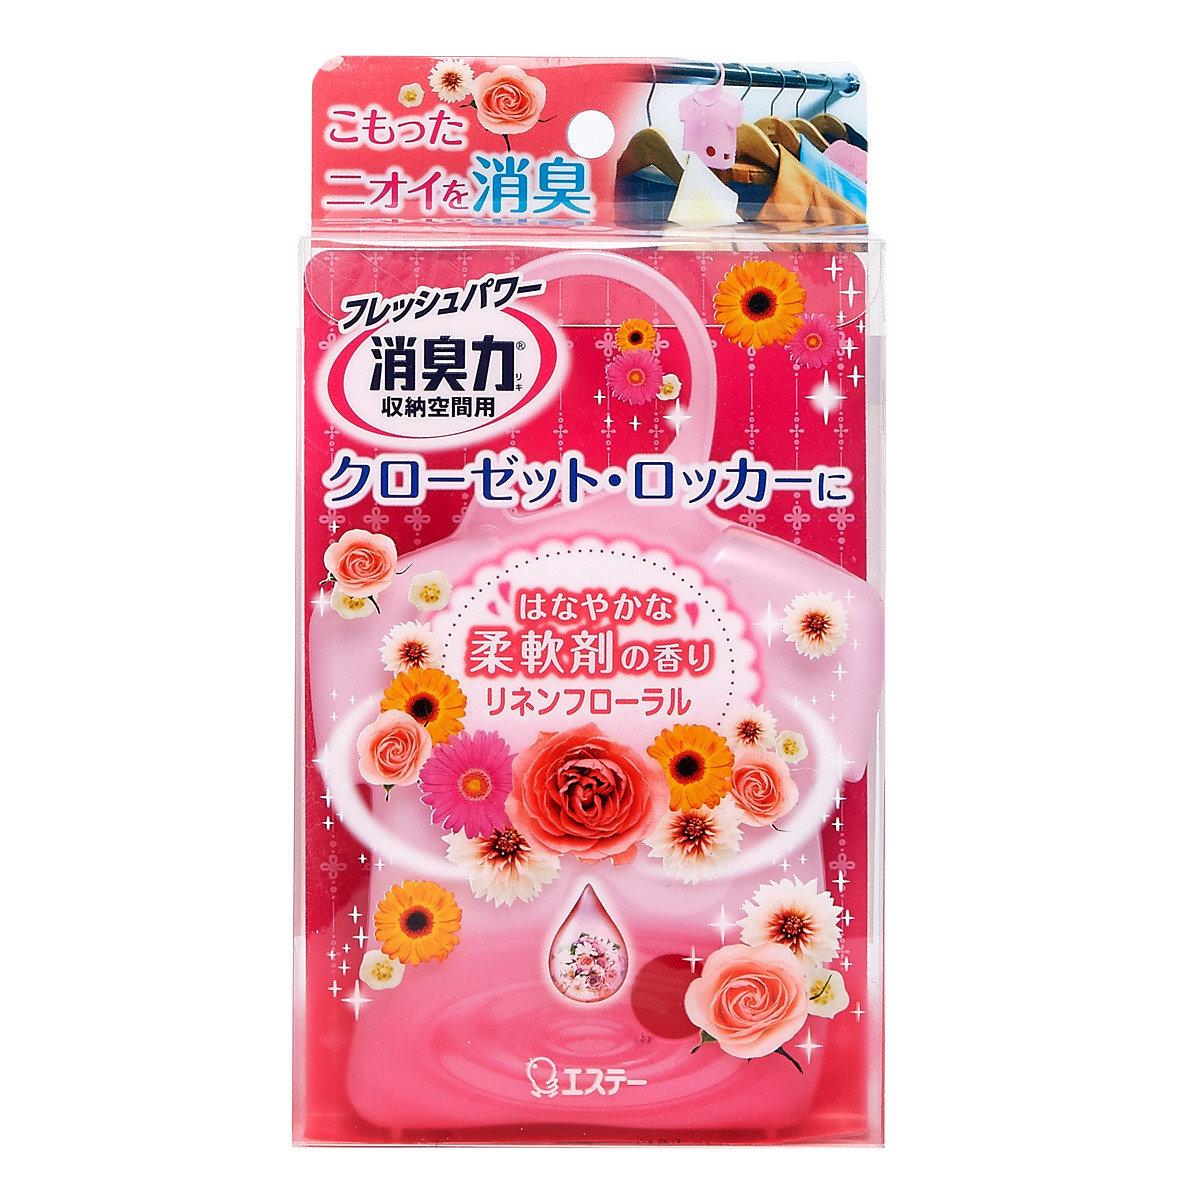 衣物淨化消臭劑衣柜用 - 花香味